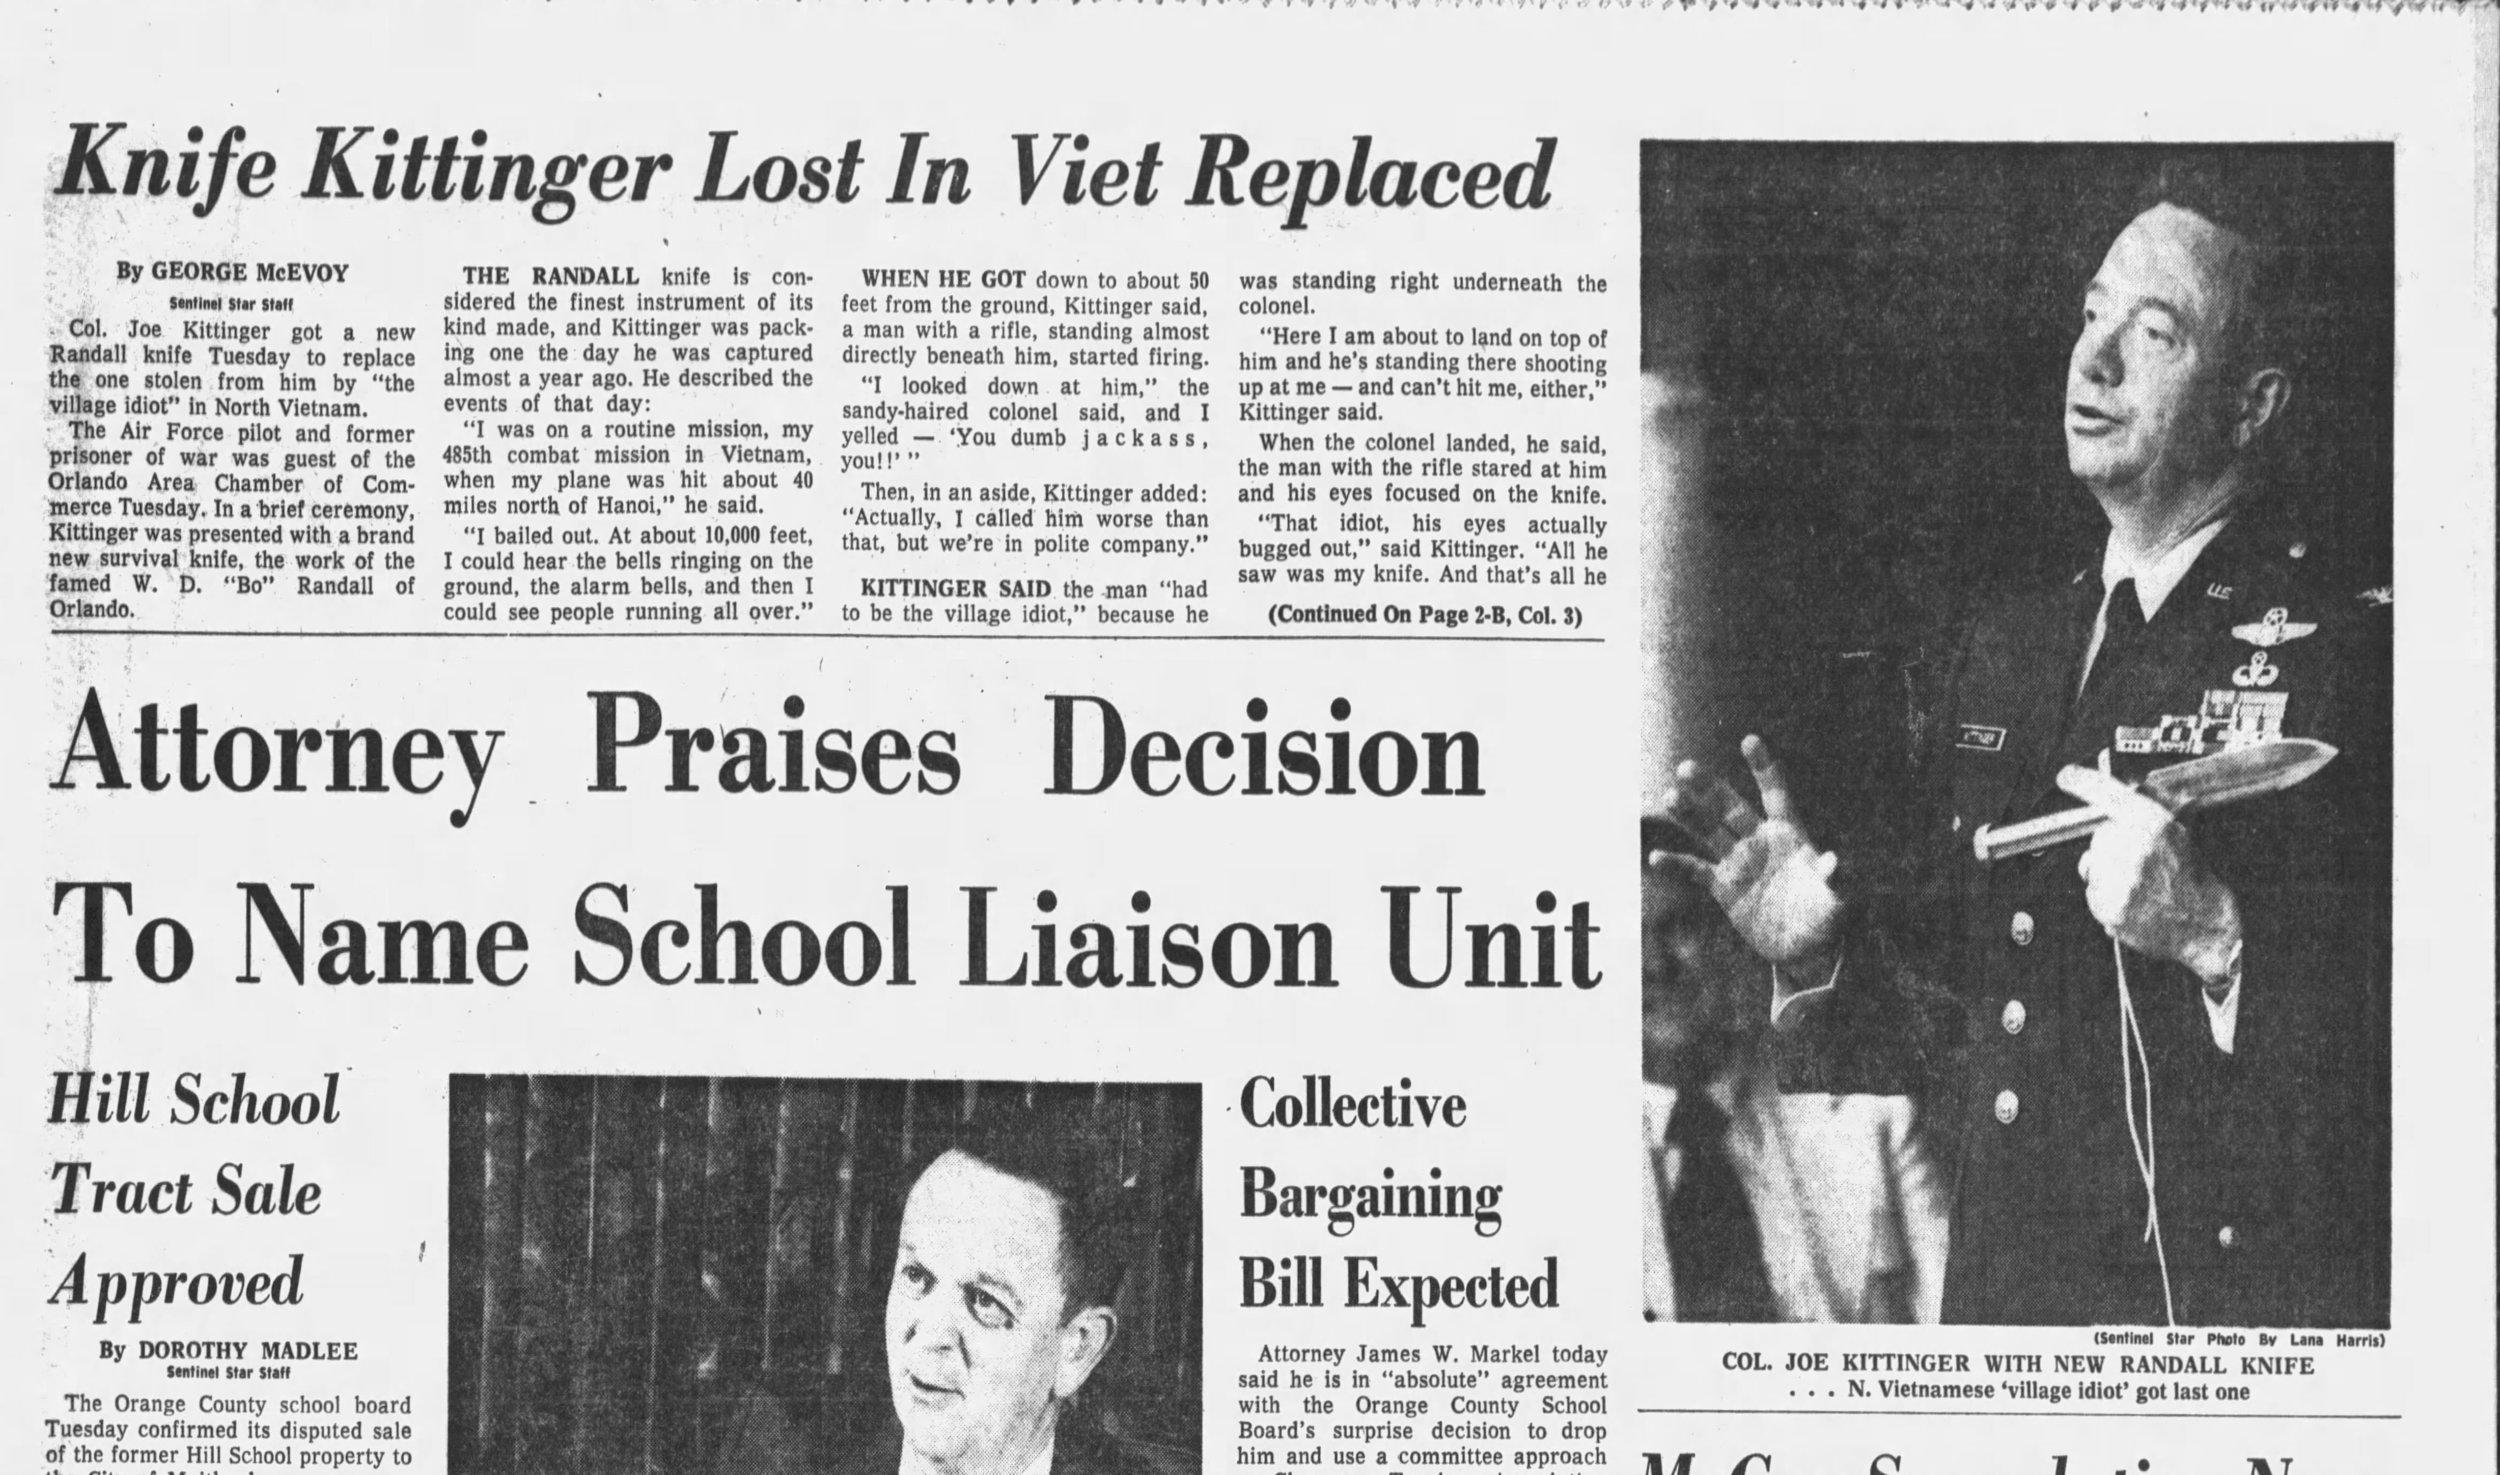 The_Orlando_Sentinel_Wed__Apr_25__1973_.jpg